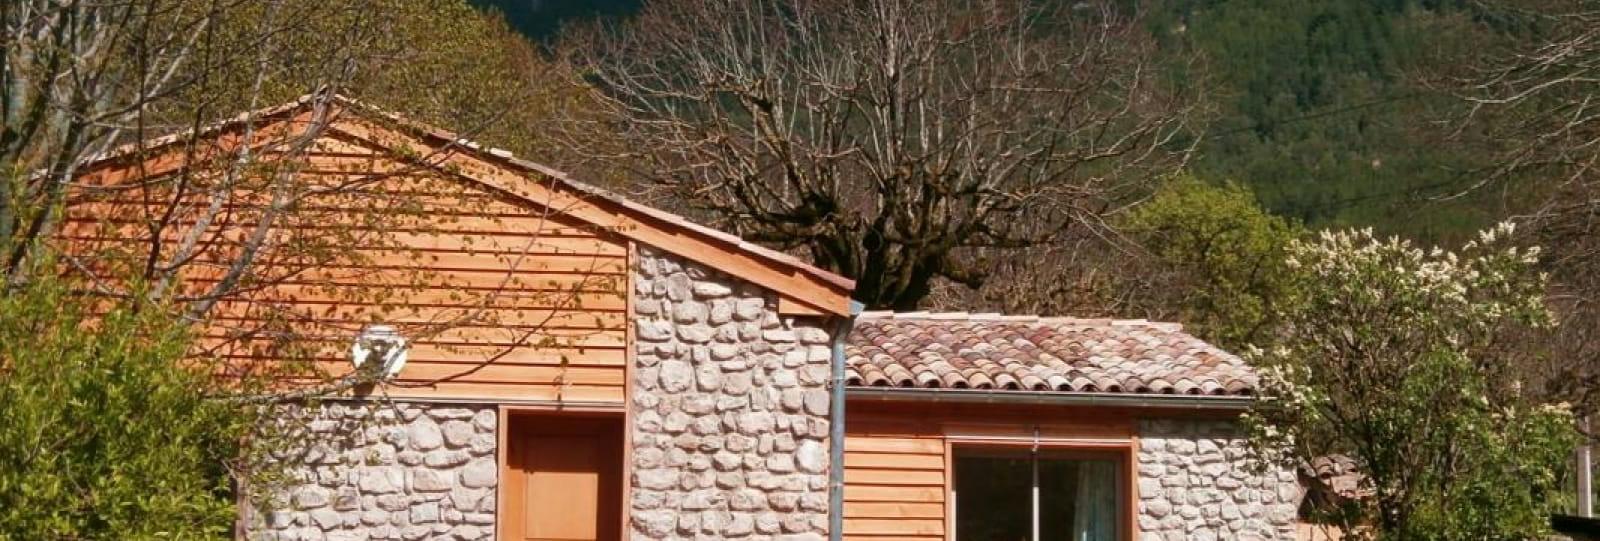 La Campanella - gîte rural Haut-Diois - Sud